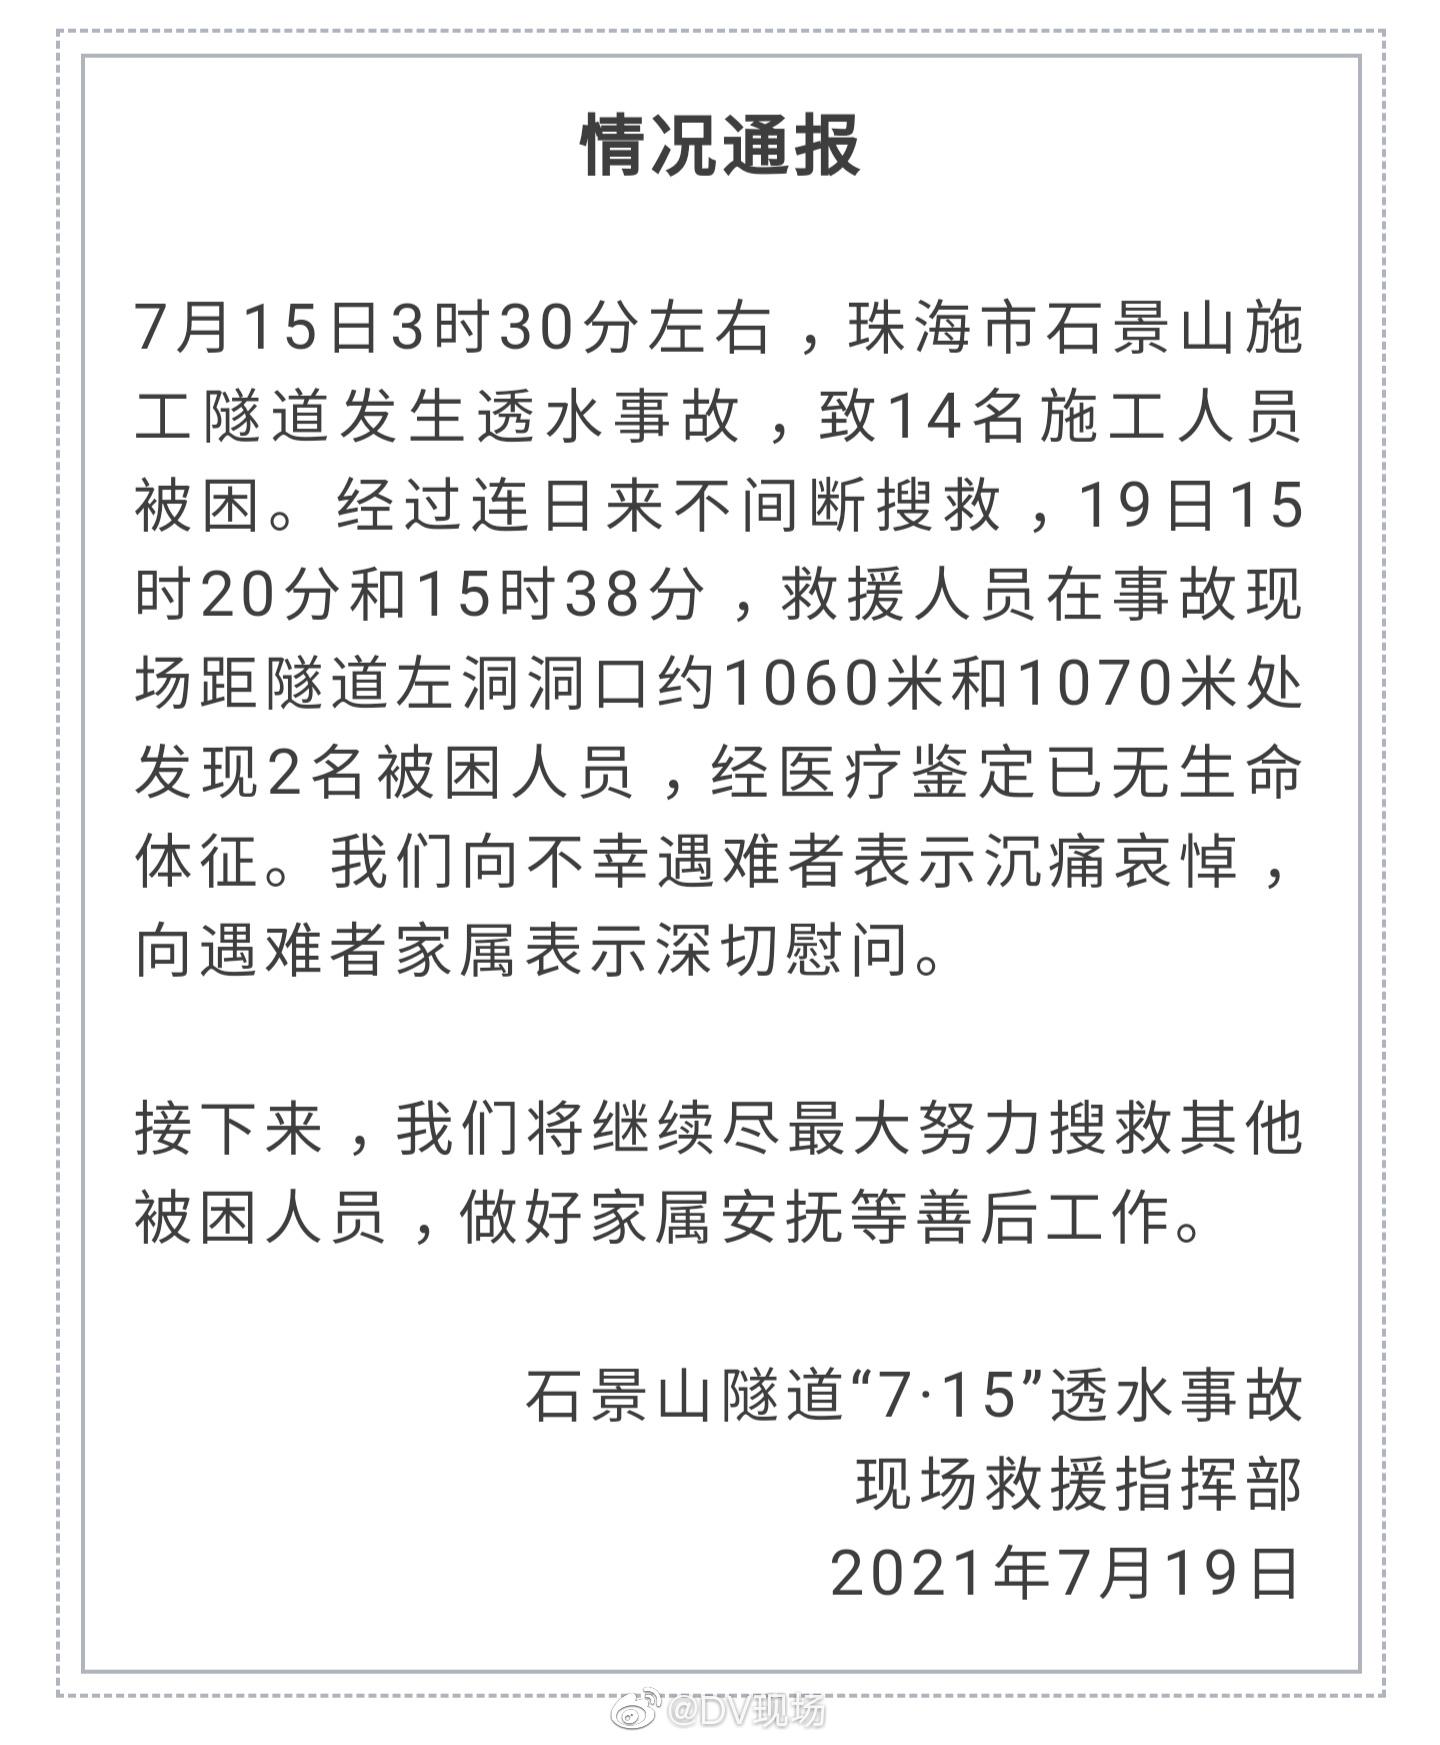 珠海隧道透水事故已致2人遇�y�事件目前最新情�r通��!